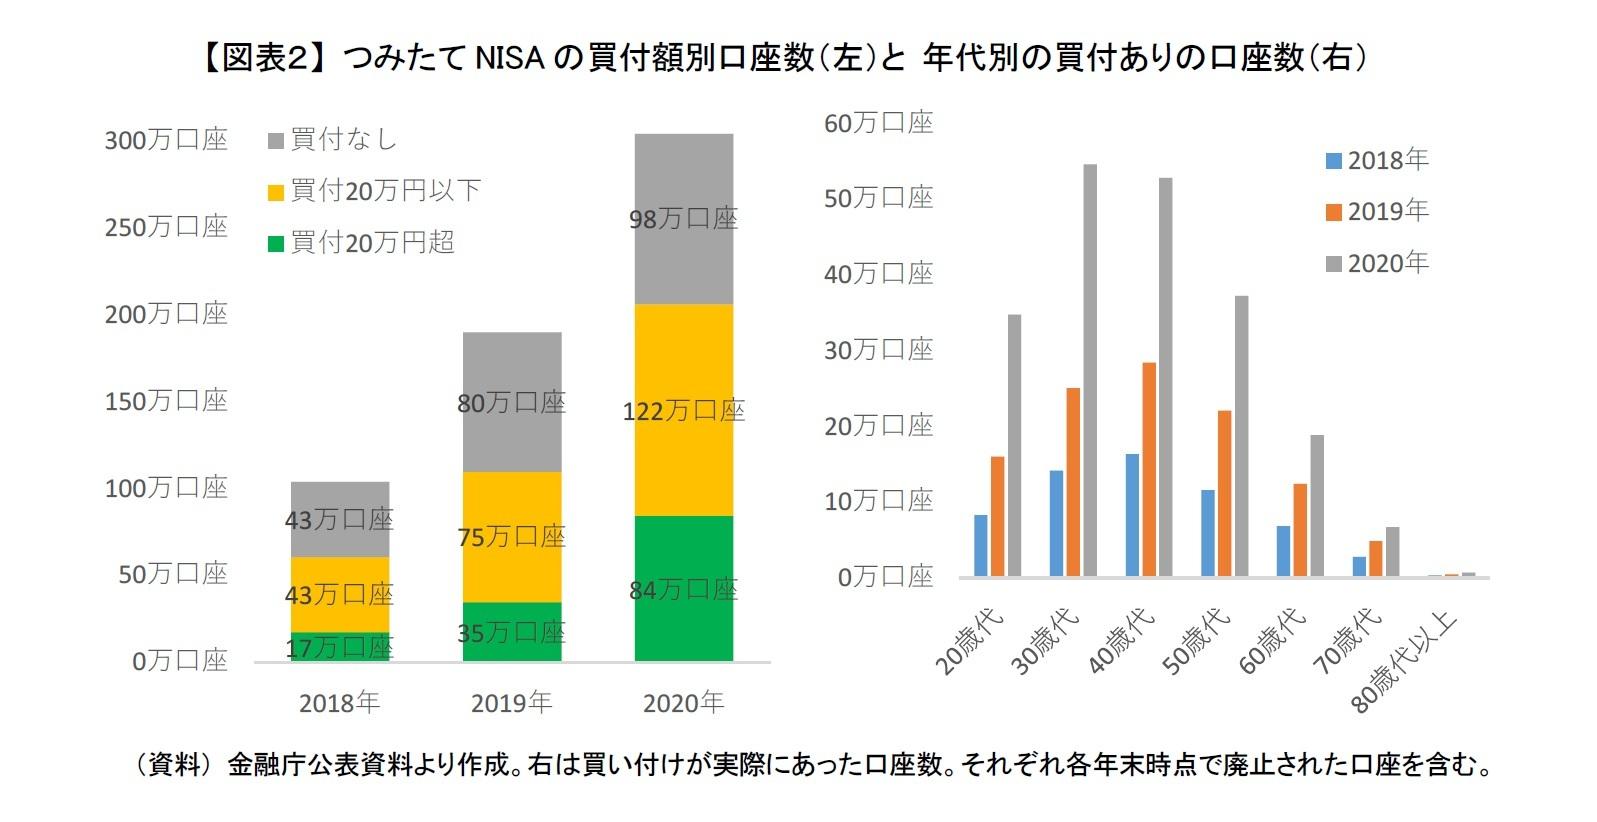 【図表2】 つみたてNISAの買付額別口座数(左)と 年代別の買付ありの口座数(右)